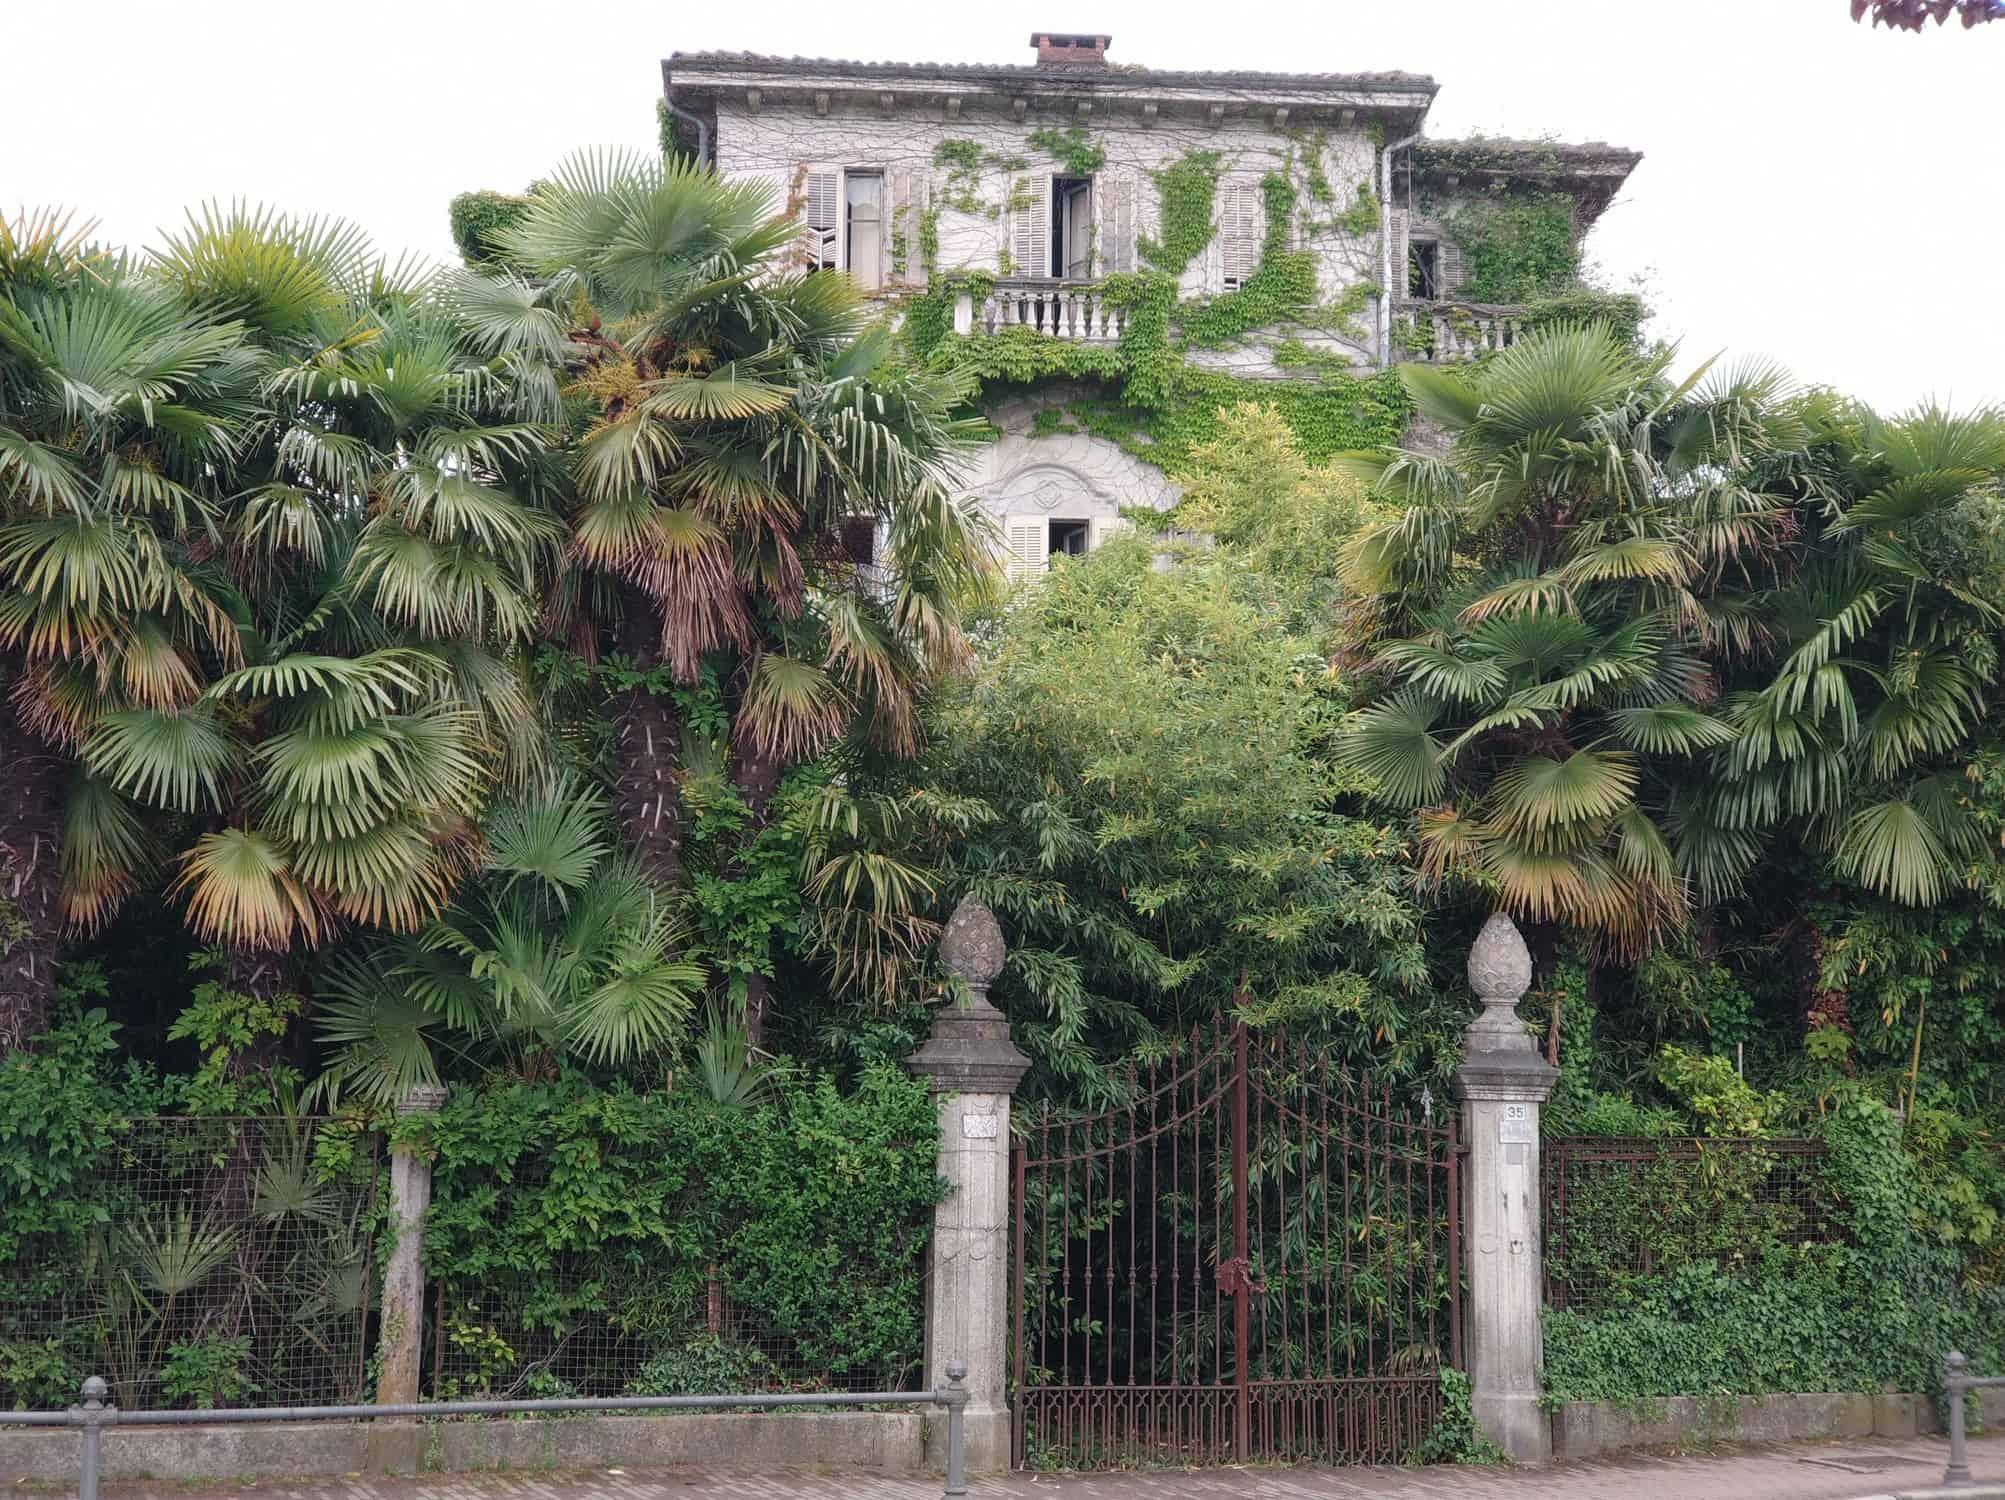 Verlassenes Gebäude am Lago Maggiore in Italien